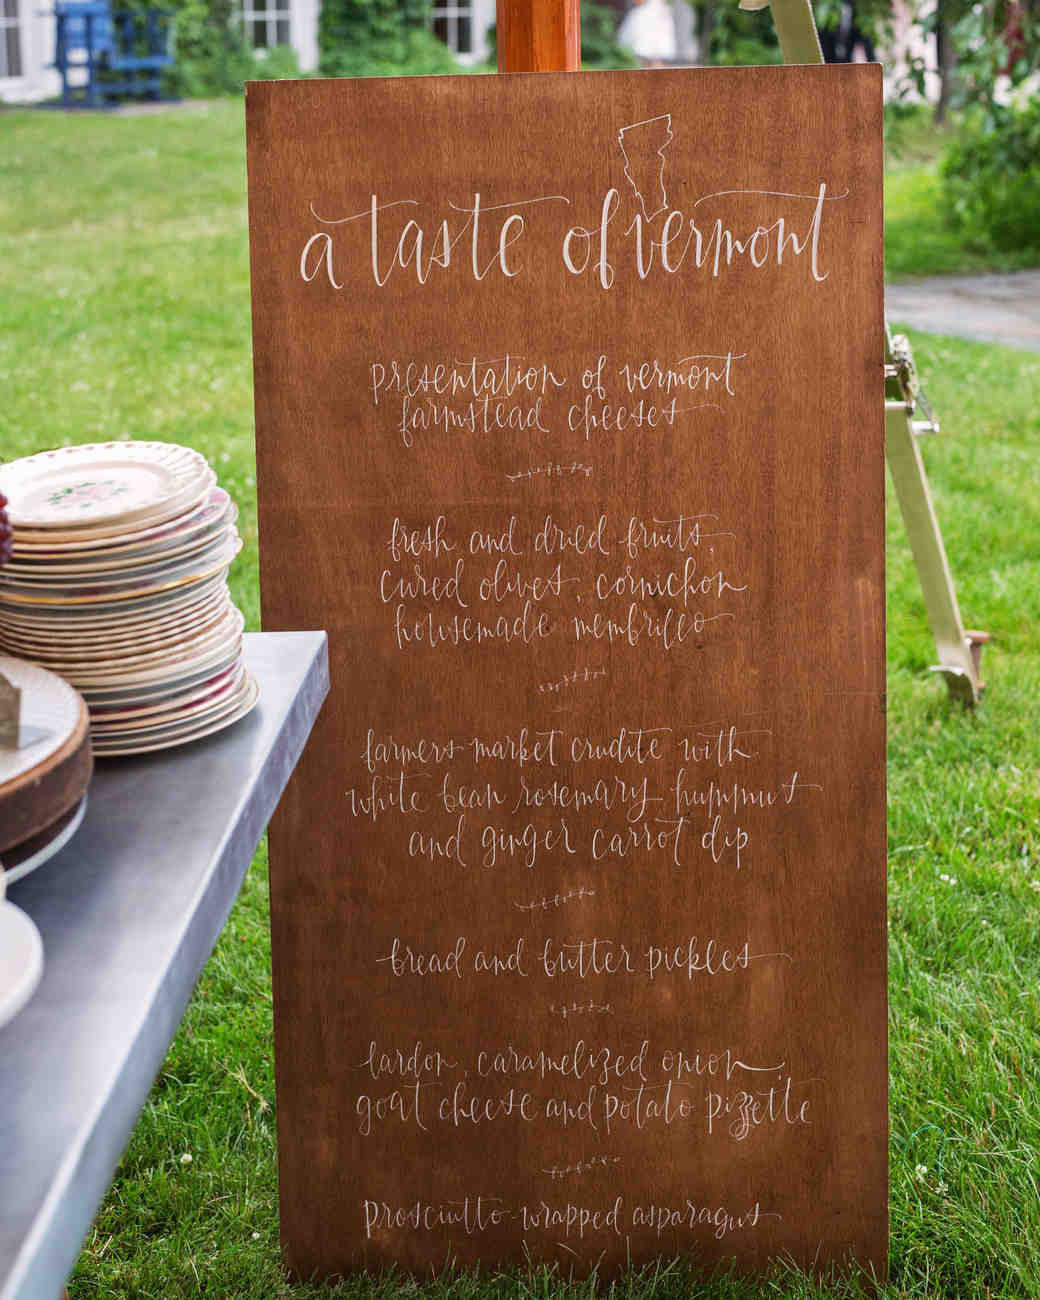 kaitlyn-robert-wedding-menu-0230-s112718-0316.jpg